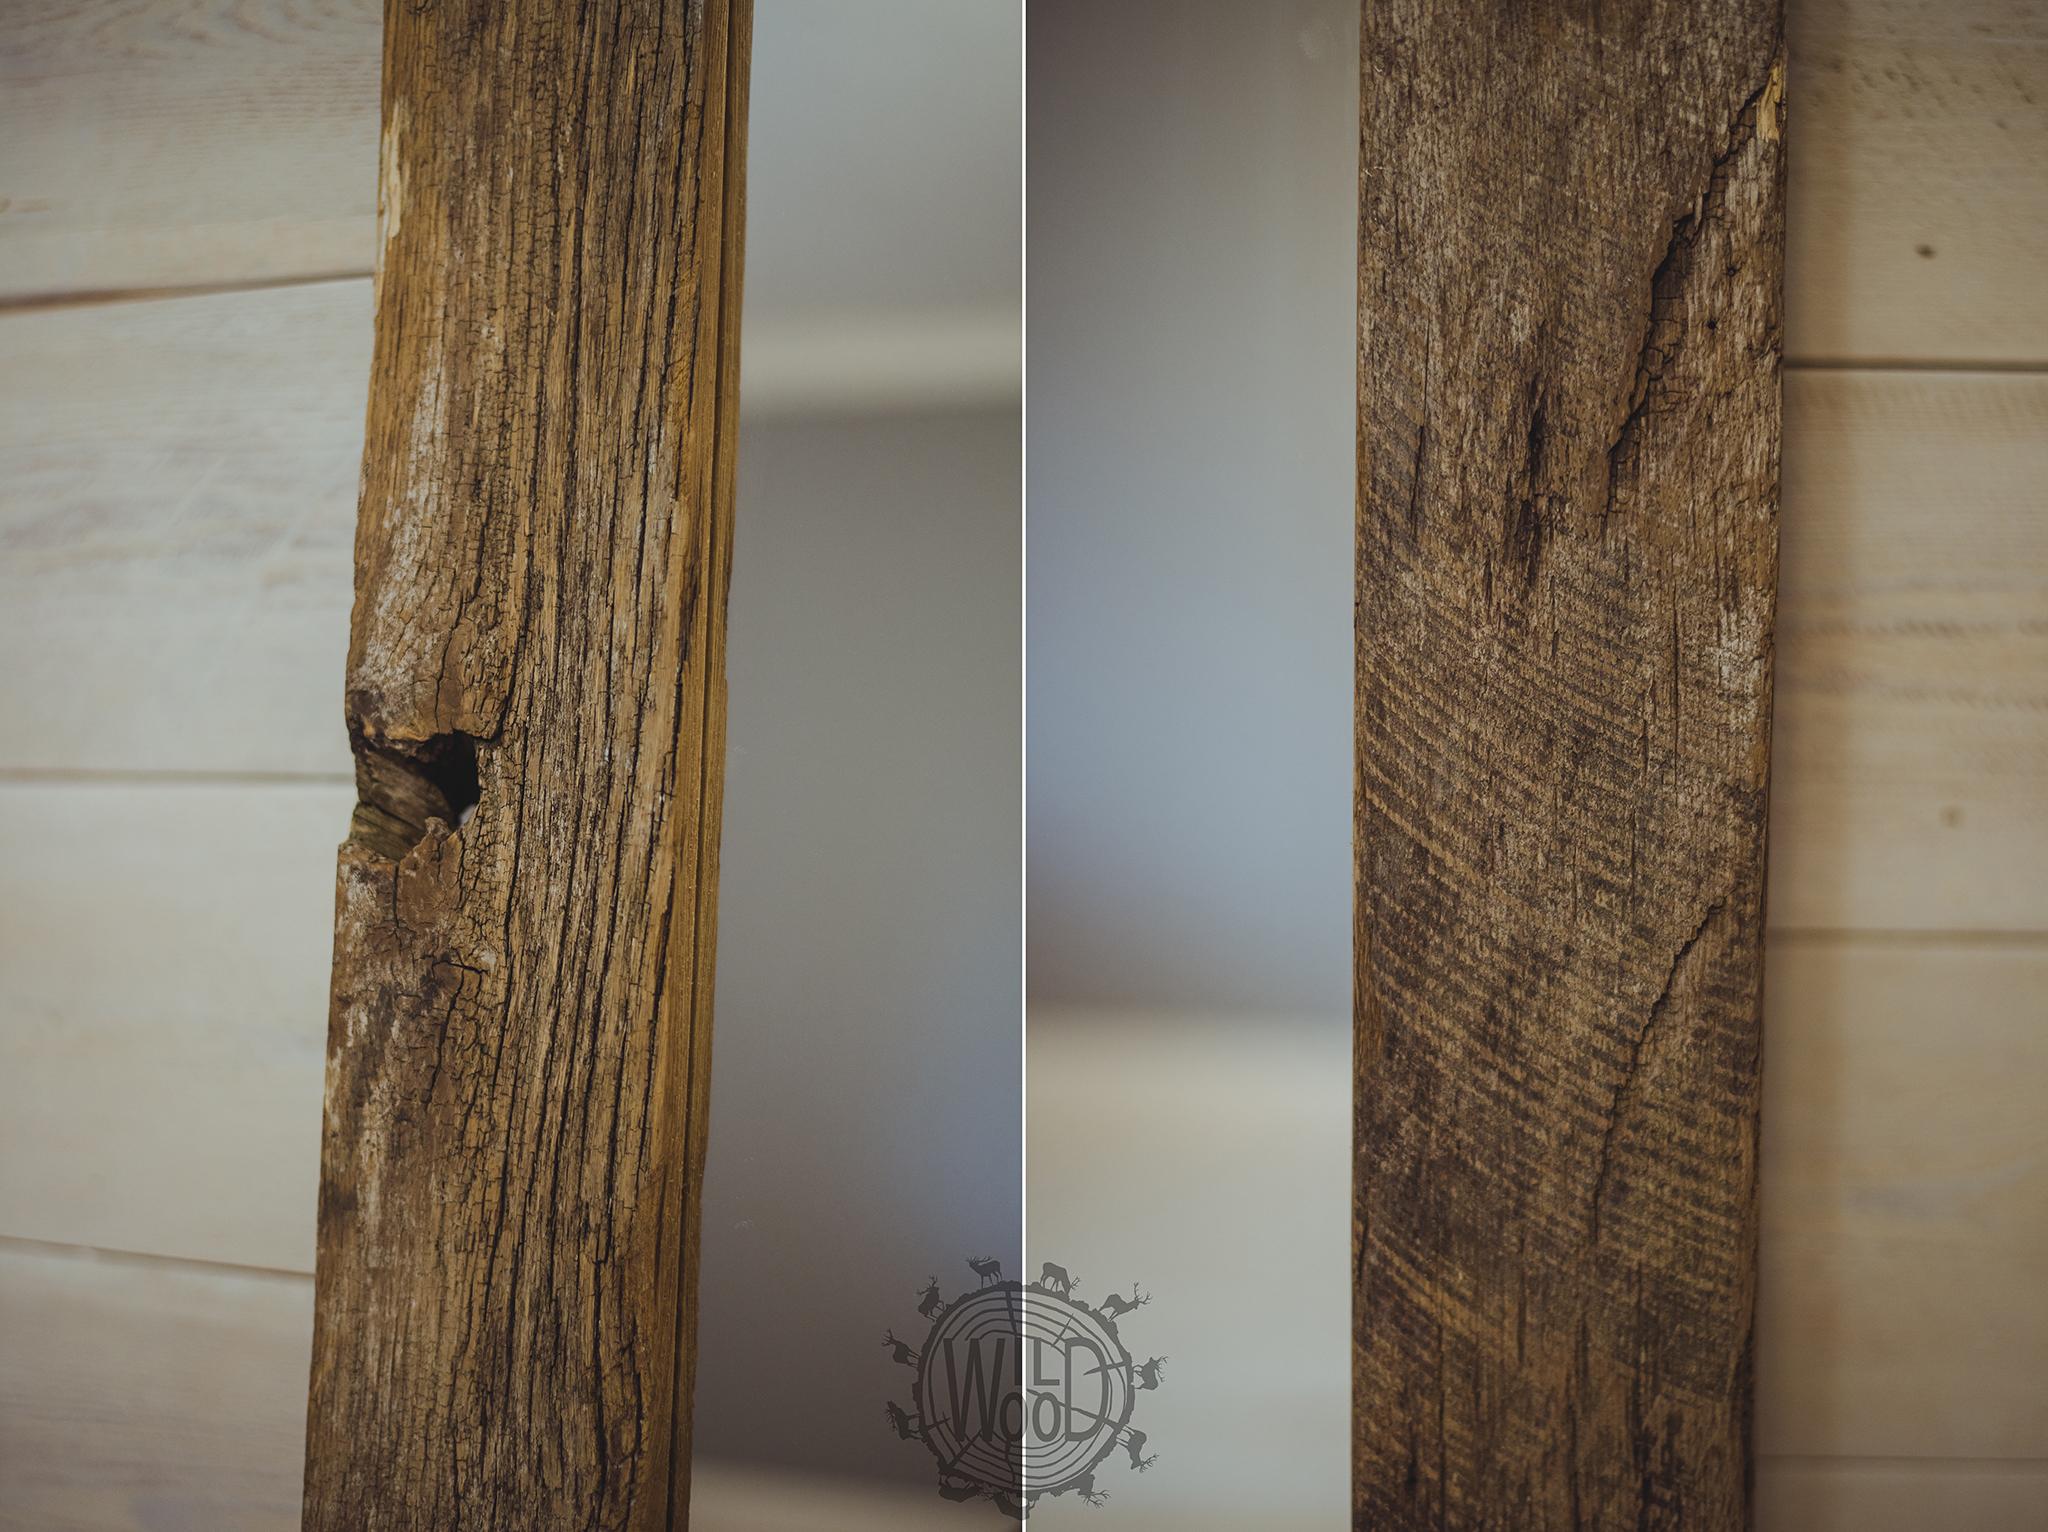 stolarz białystok, nietypowe meble białystok, usługi stolarskie podlaskie, wildwood, usługi stolarskie białystok, stolarz podlaskie, meble ze starego drewna, lustro białystok, lustro w starej ramie z dębu